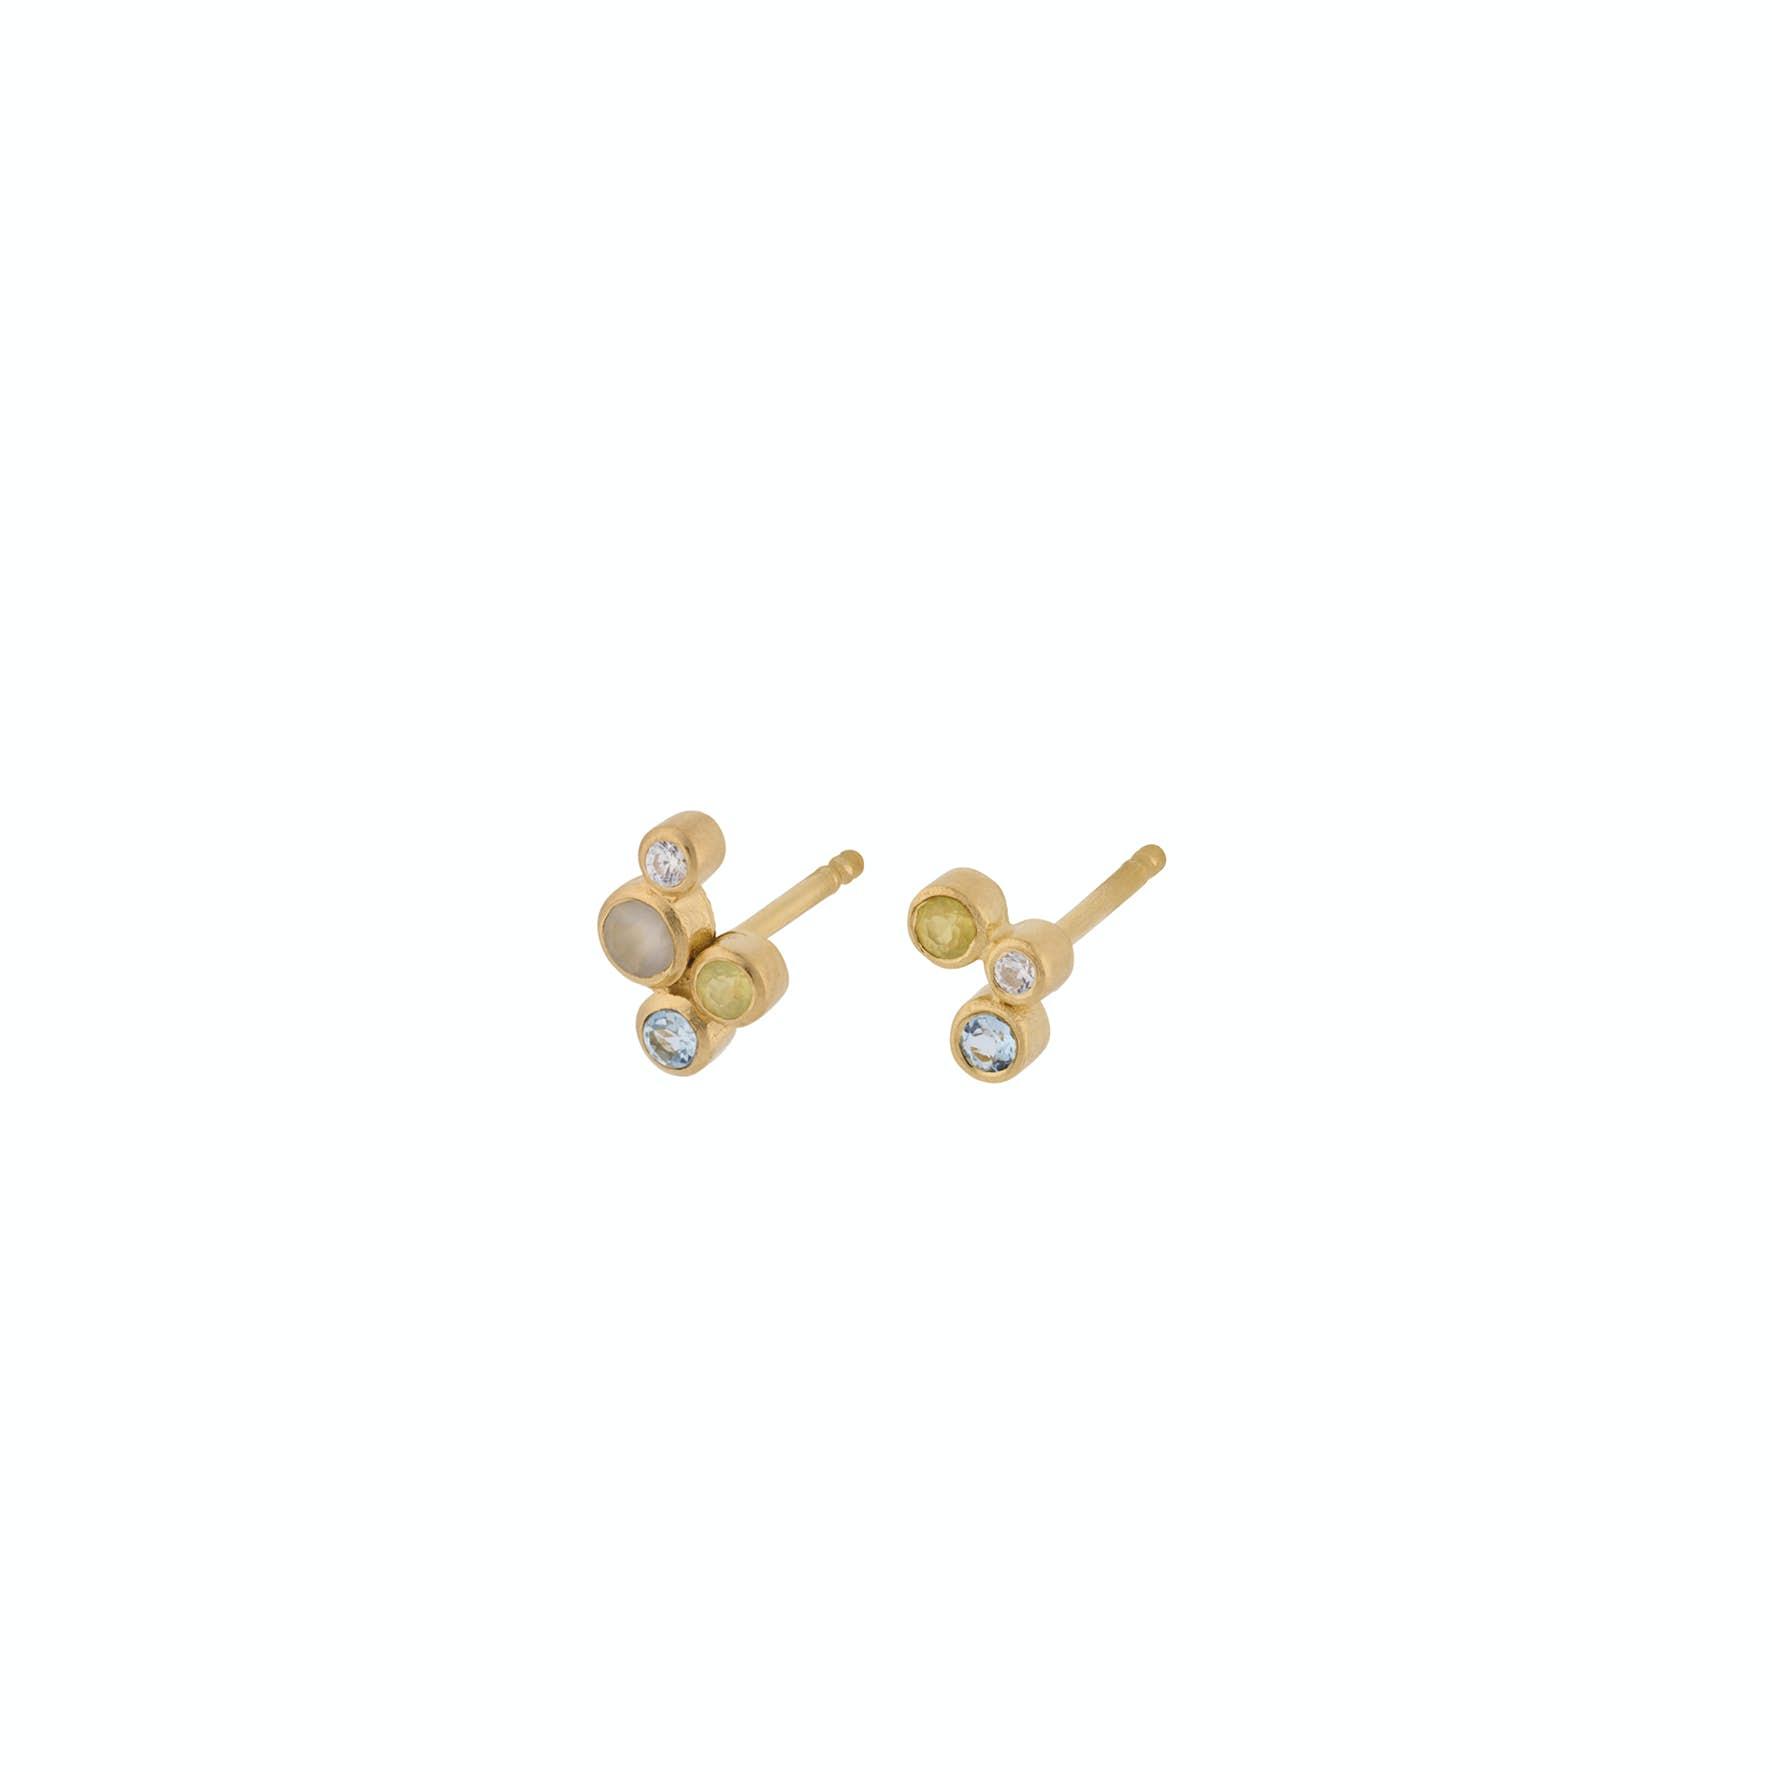 Stellar Earsticks von Pernille Corydon in Vergoldet-Silber Sterling 925